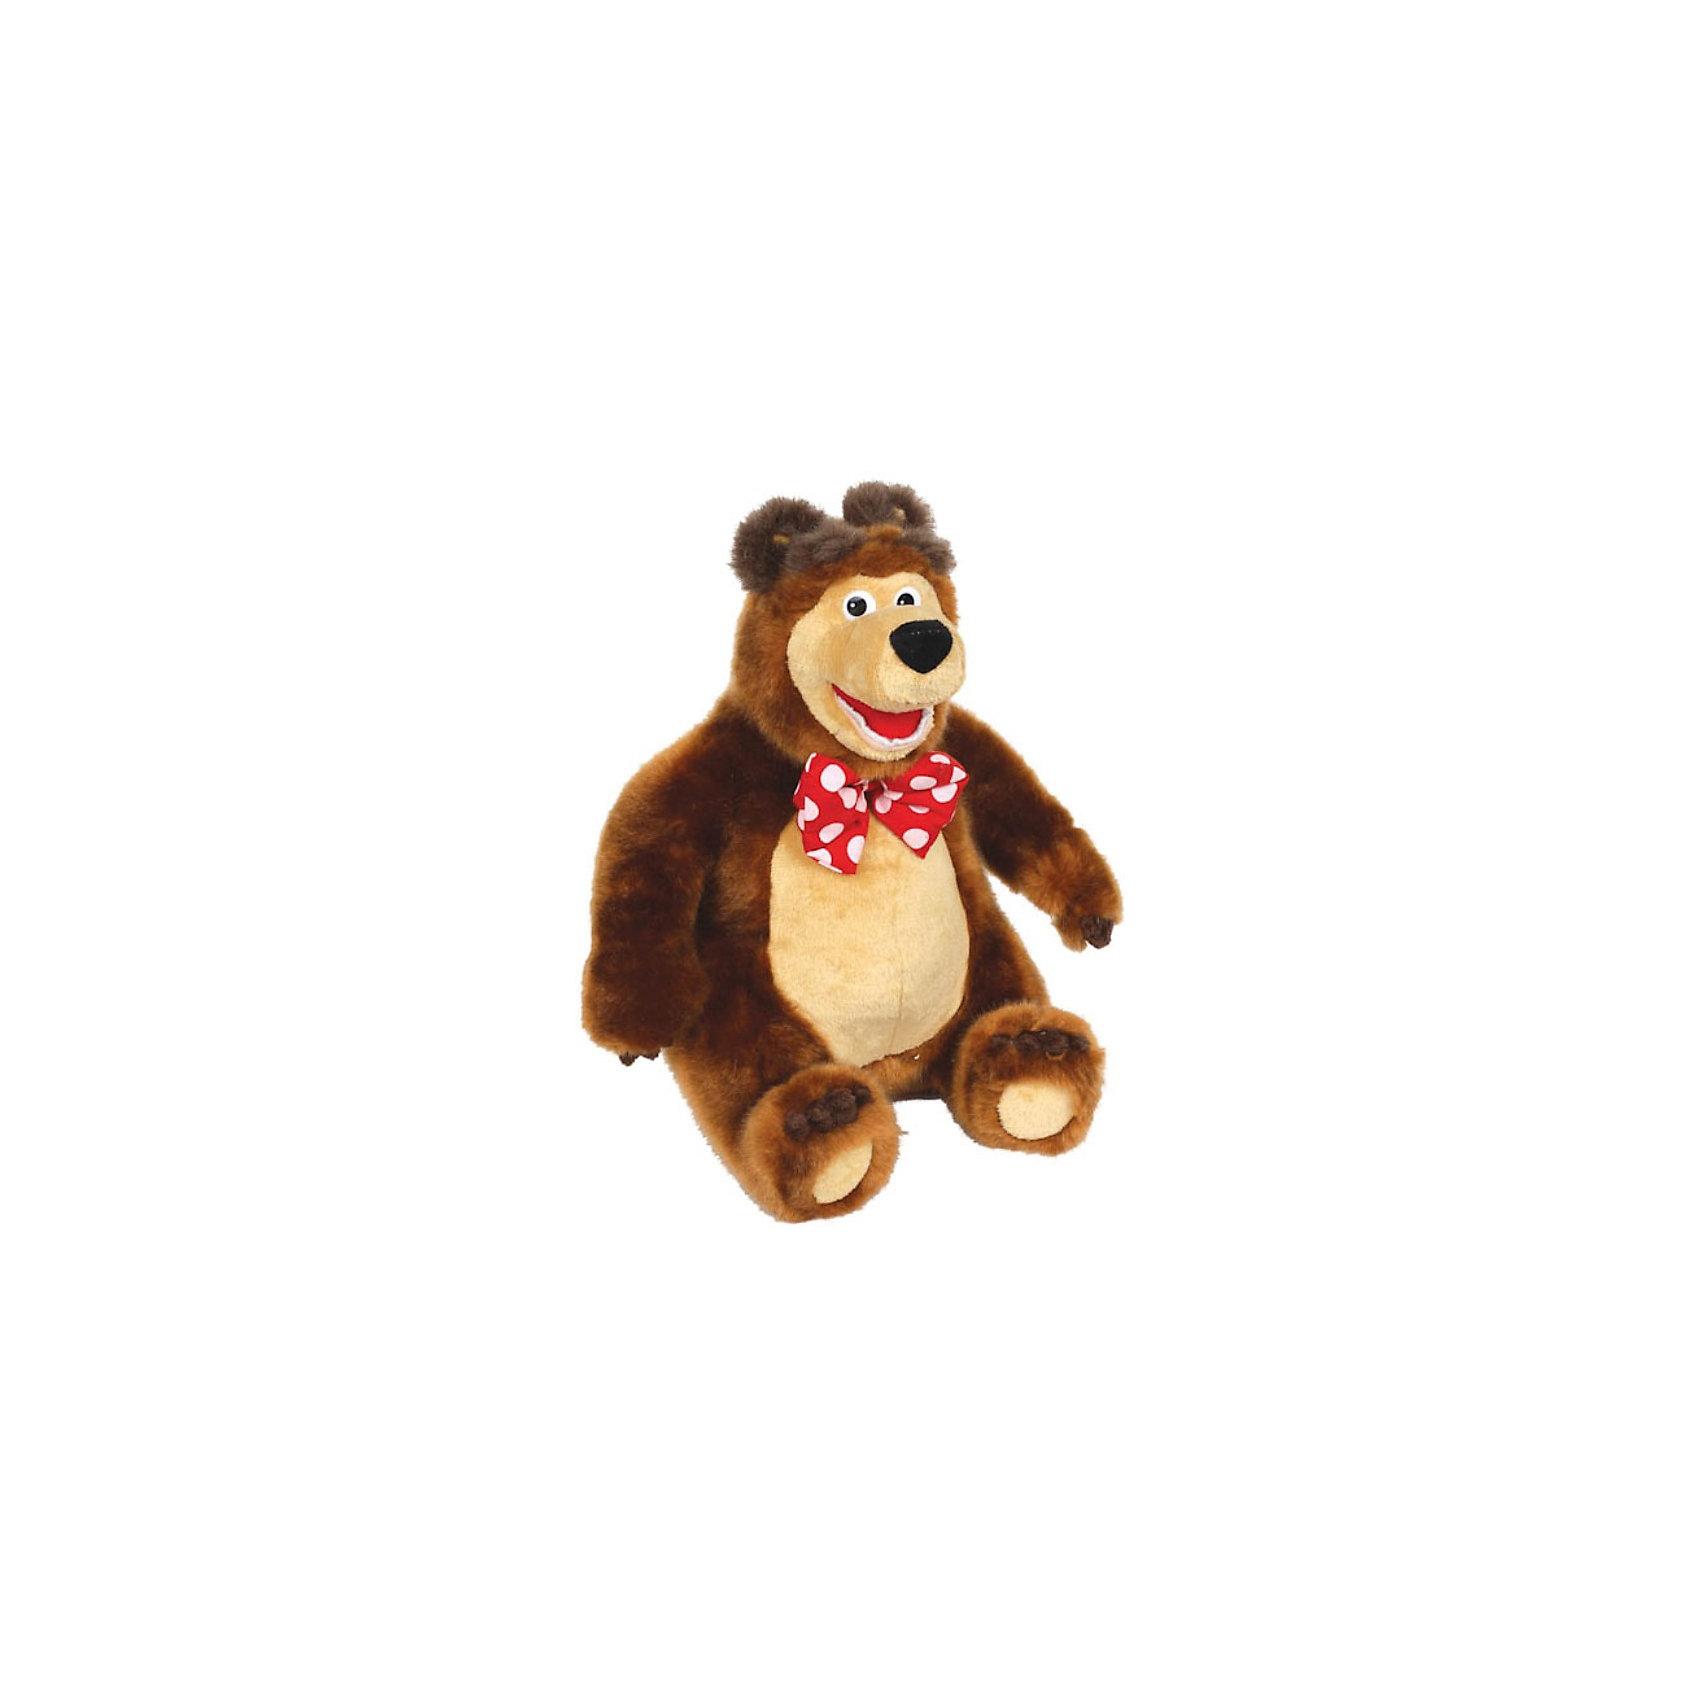 МУЛЬТИ-ПУЛЬТИ Мягкая игрушка Мишка, Маша и Медведь, МУЛЬТИ-ПУЛЬТИ маша и медведь колпак машины сказки 6 шт